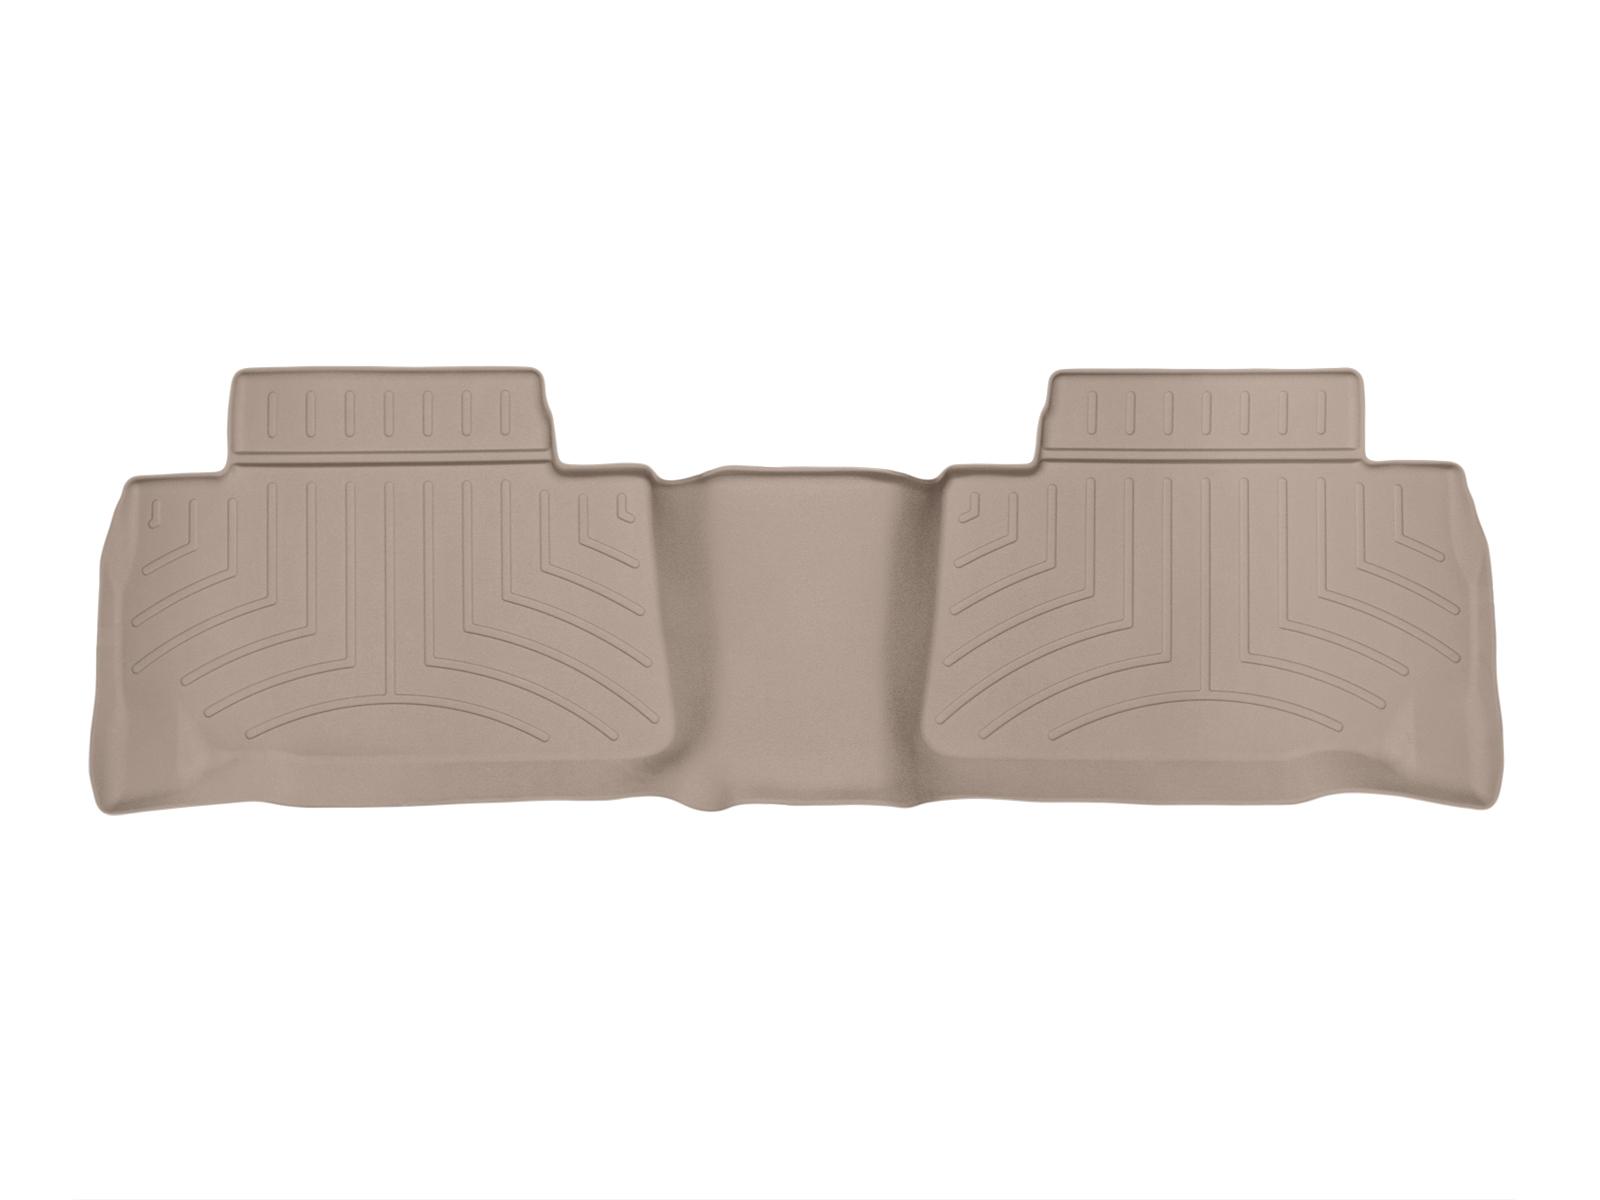 Tappeti gomma su misura bordo alto Toyota Land Cruiser 10>17 Marrone A3691*